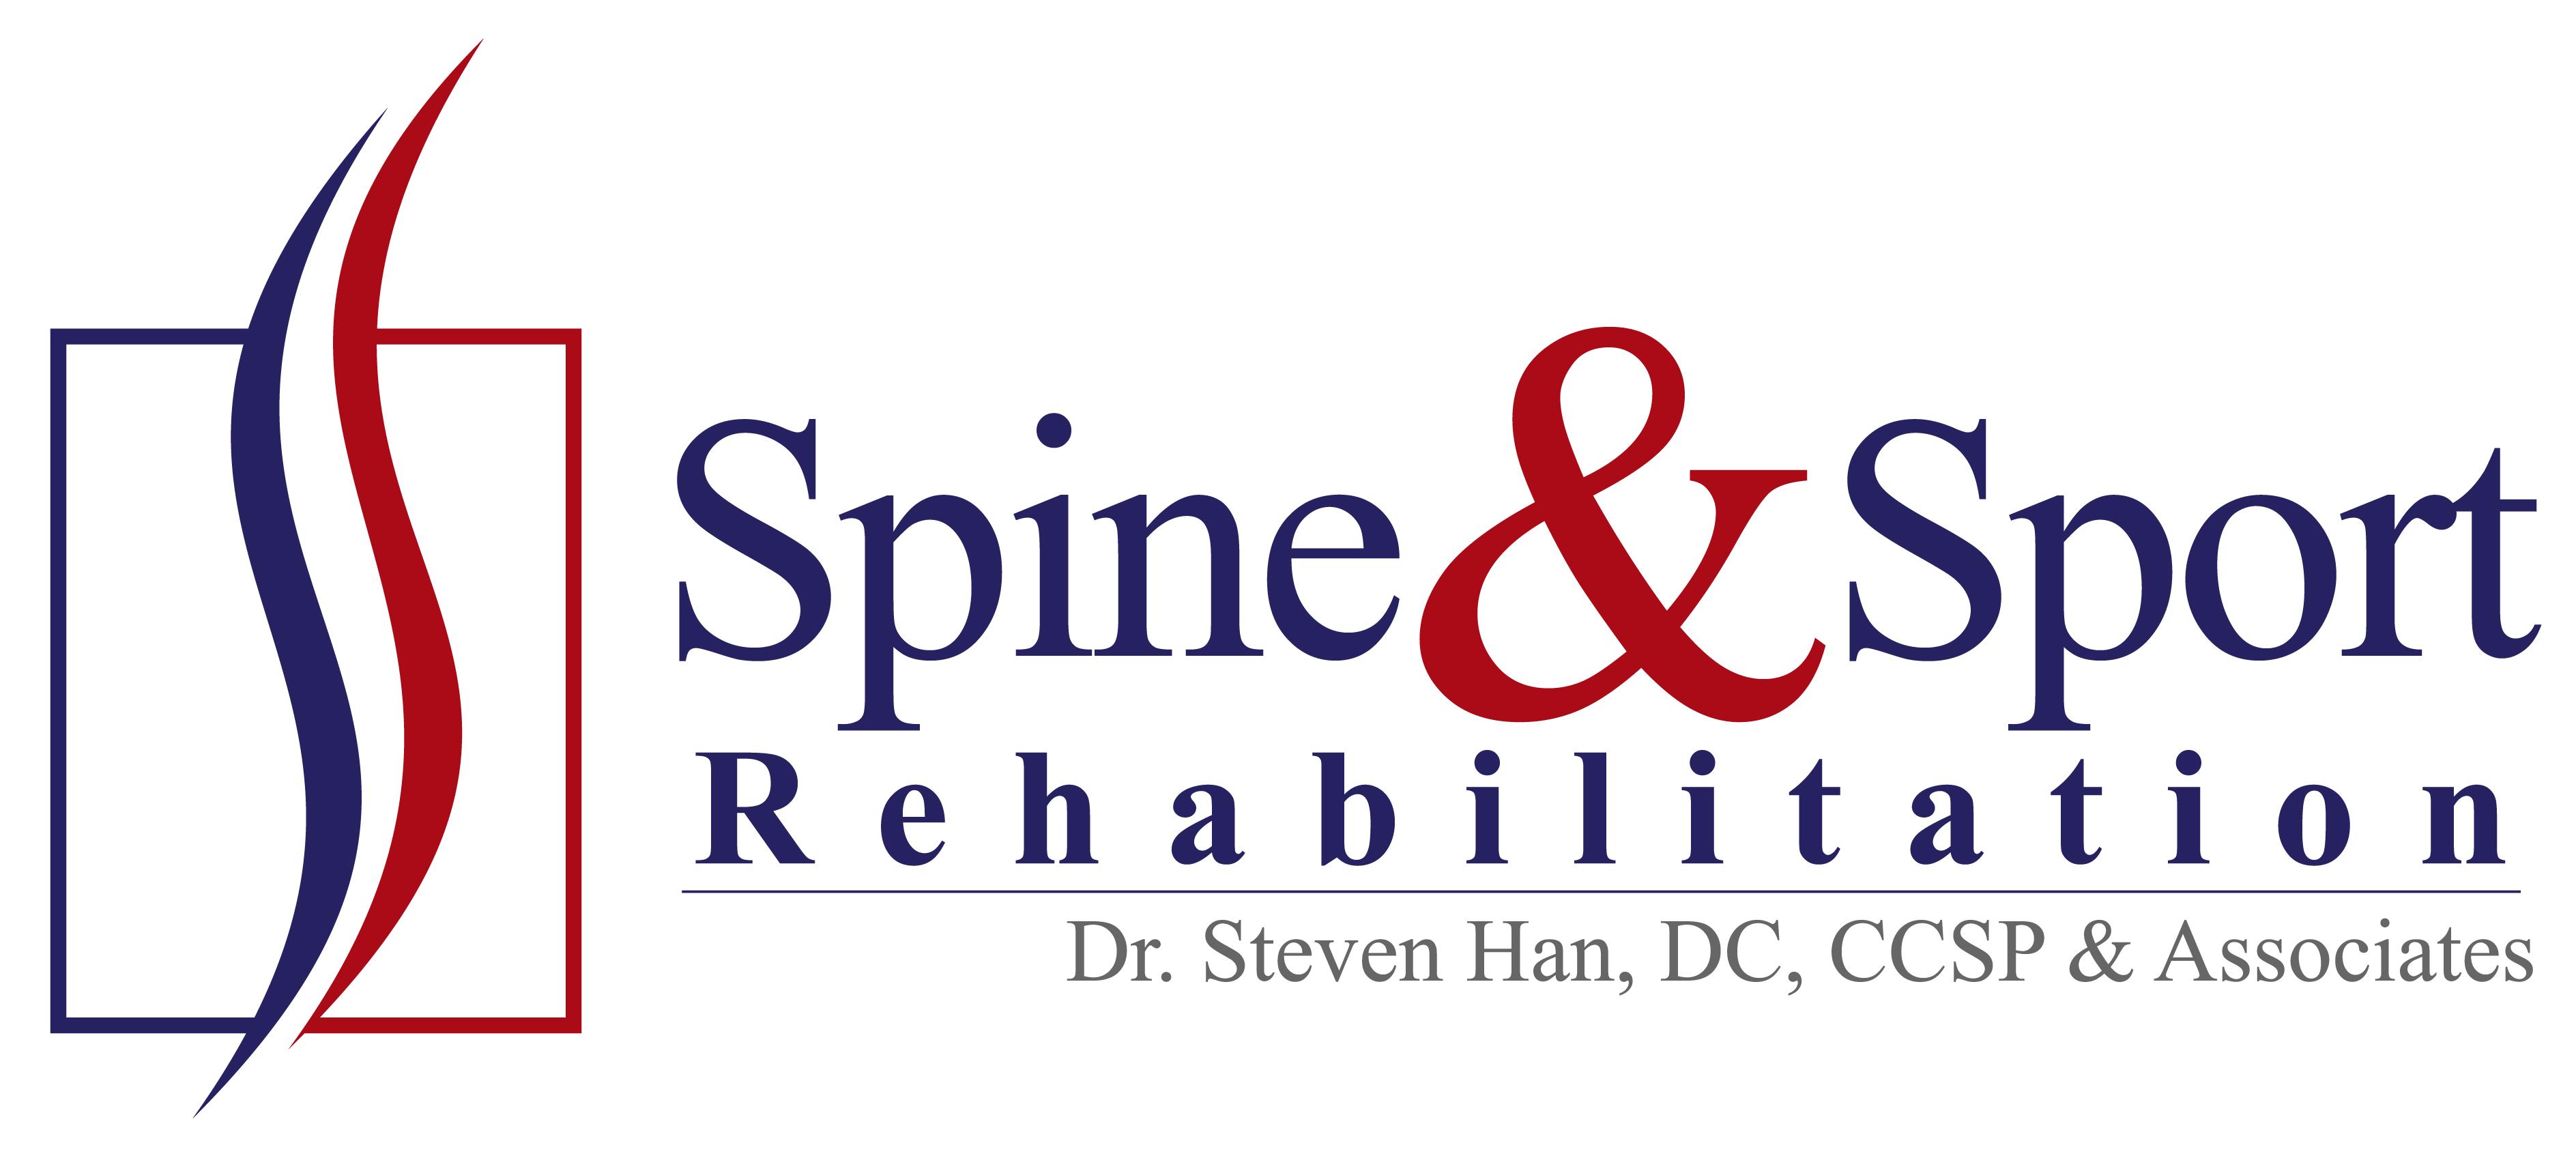 Rehab Logo Designs